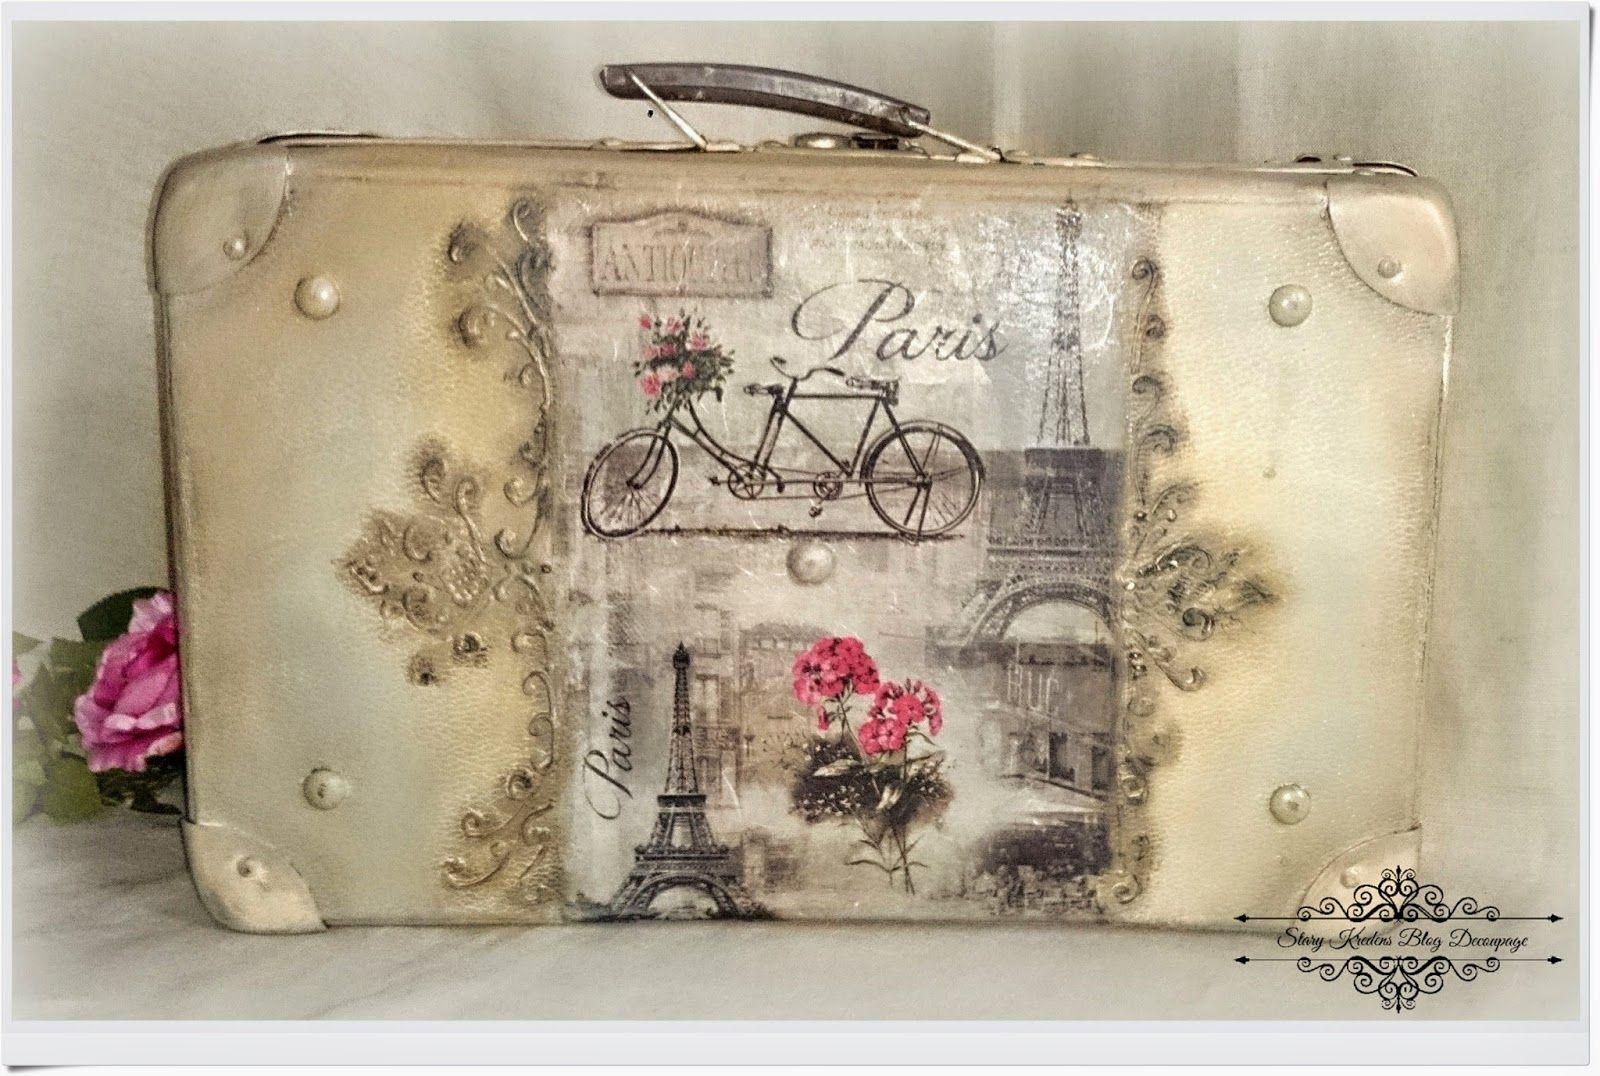 Stara walizka w starofrancuskim klimacie - Paryż wśród reliefów - Decoupage.